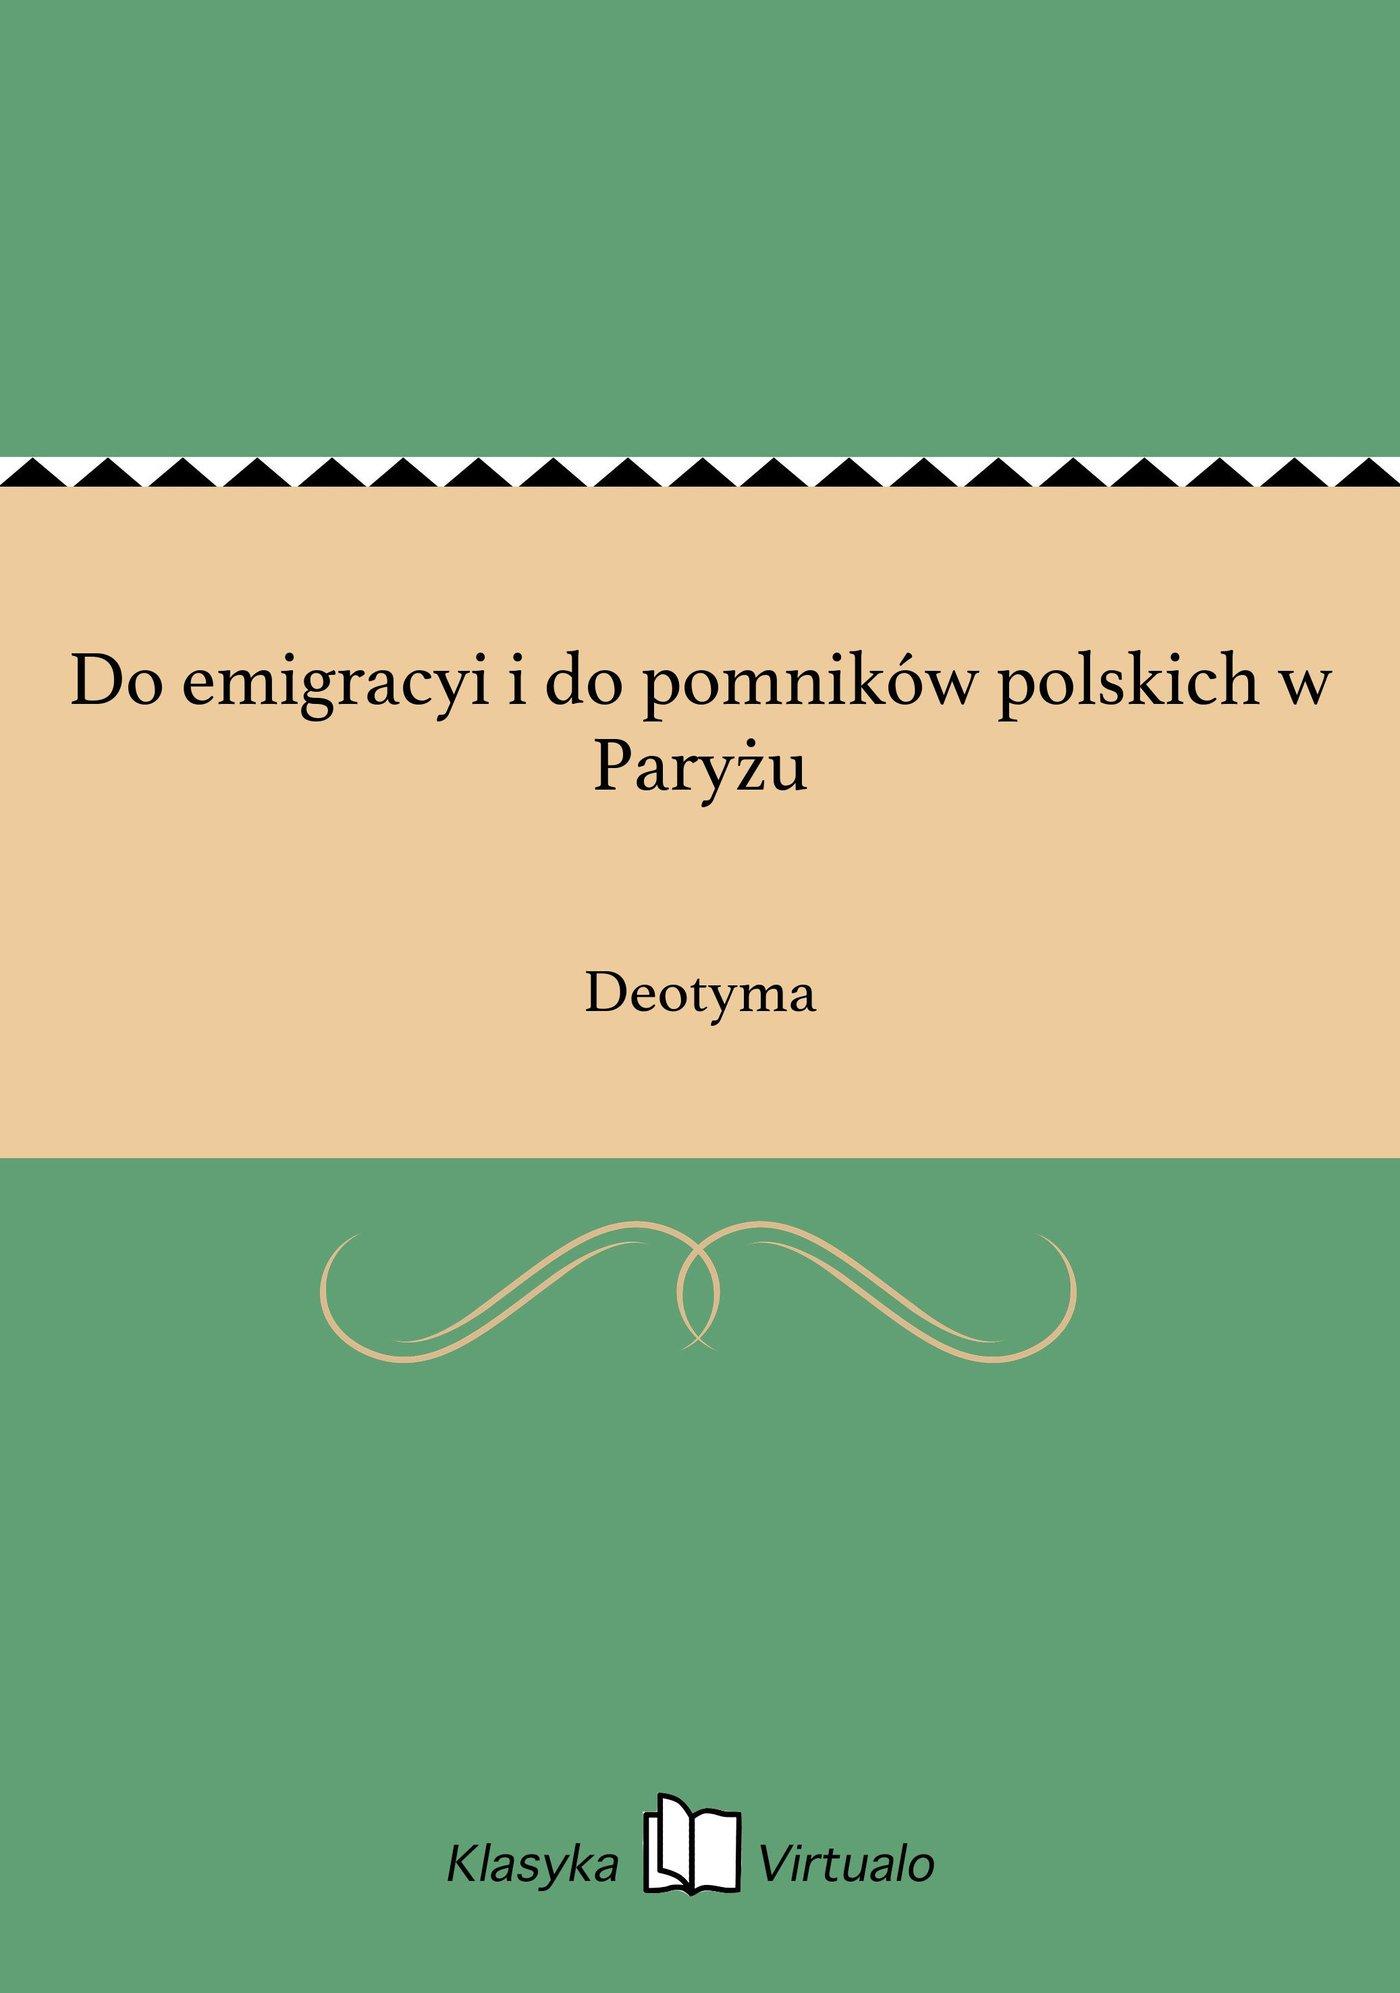 Do emigracyi i do pomników polskich w Paryżu - Ebook (Książka EPUB) do pobrania w formacie EPUB